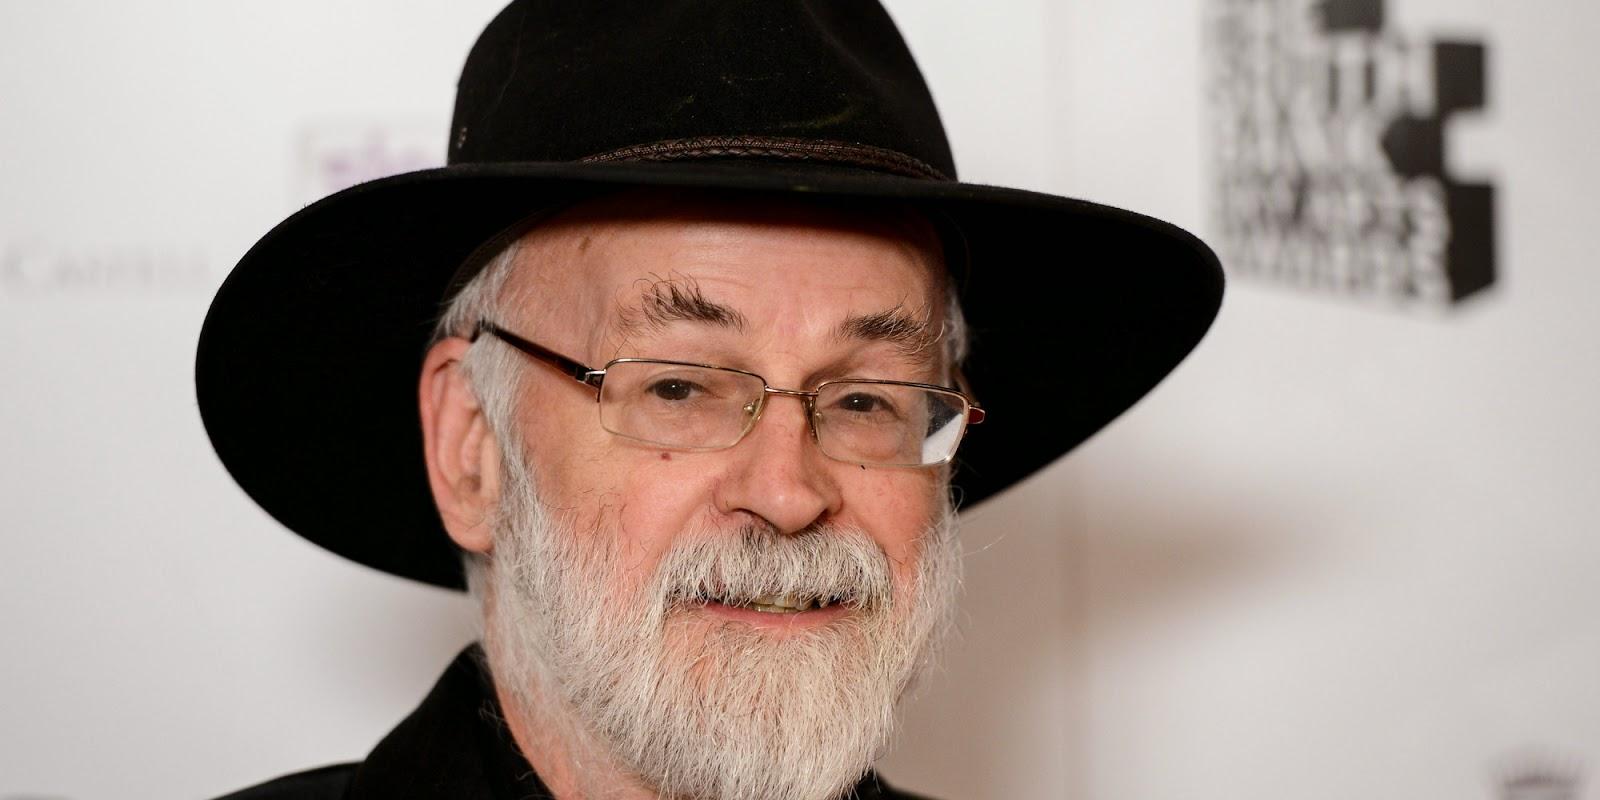 Ten Okropny Pratchett... odszedł ktoś, kto umiał dotknąć sedna